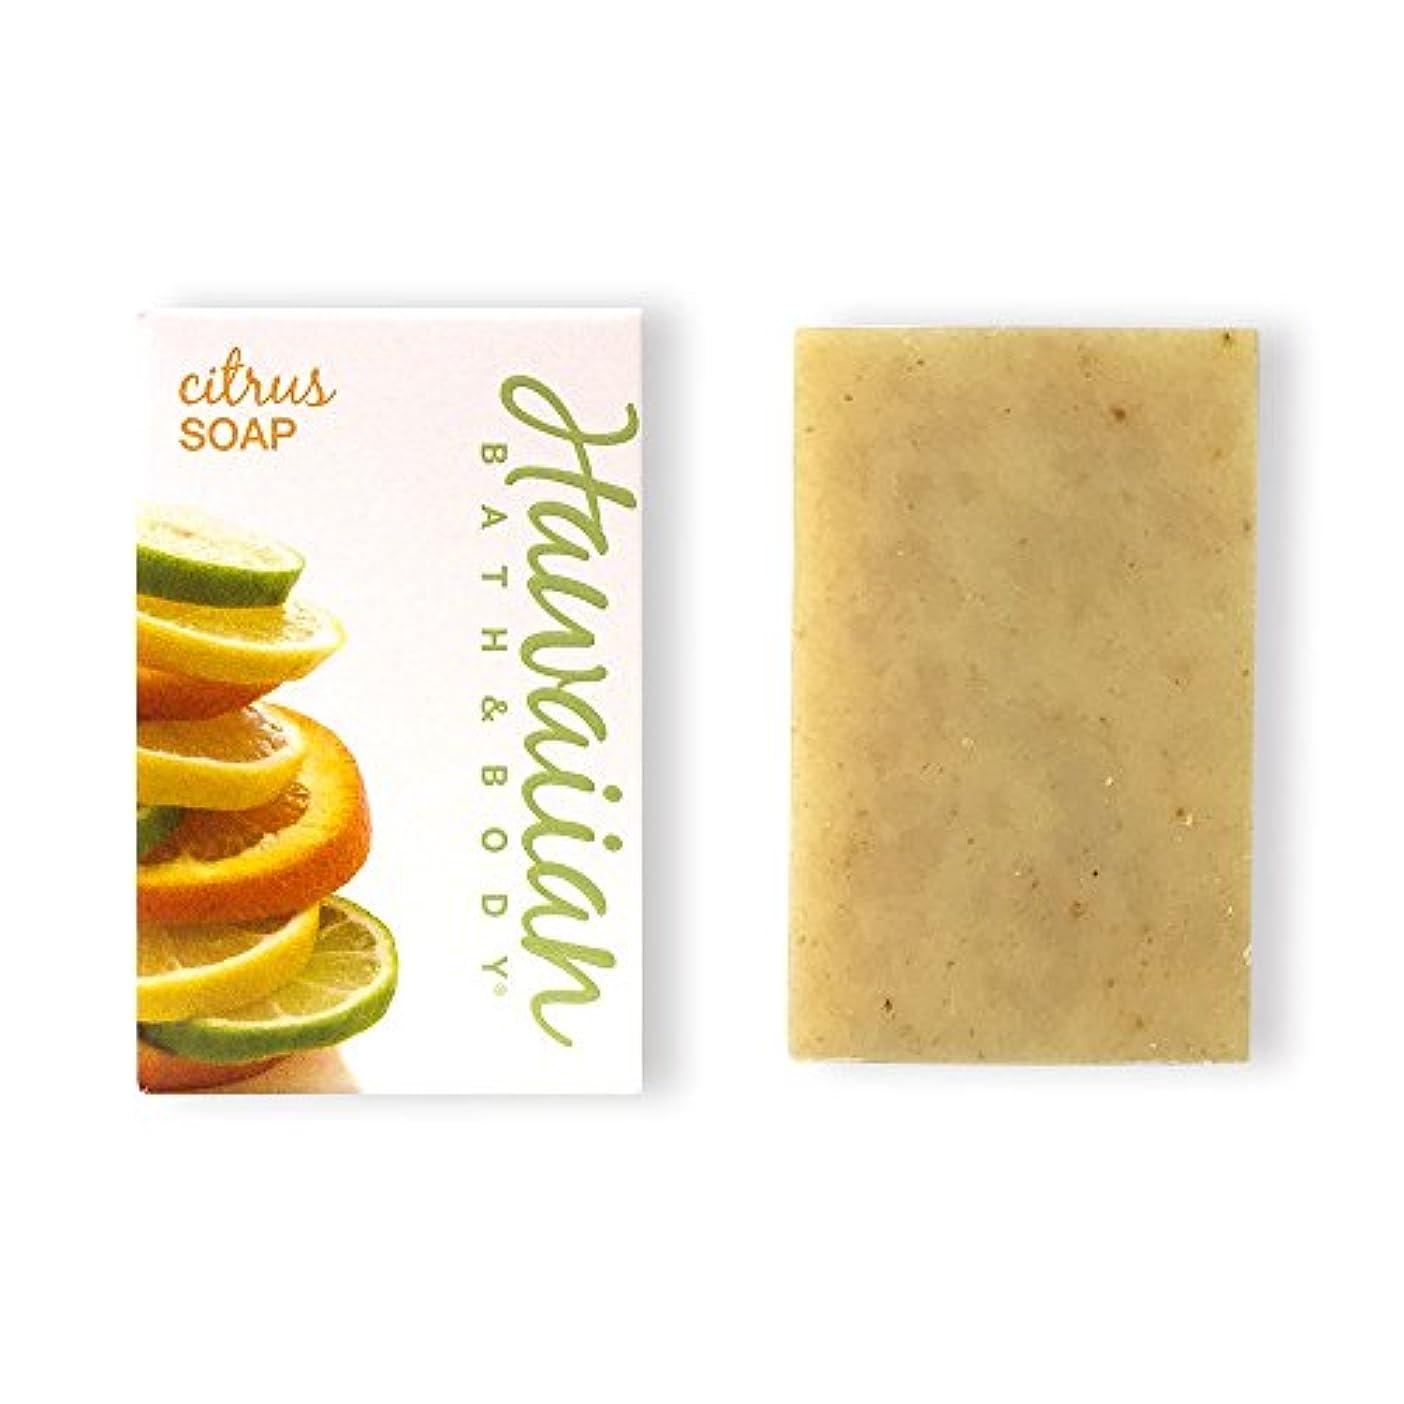 またね魔女エアコンハワイアンバス&ボディ ハワイアン?シトラスソープ( Citrus Soap )